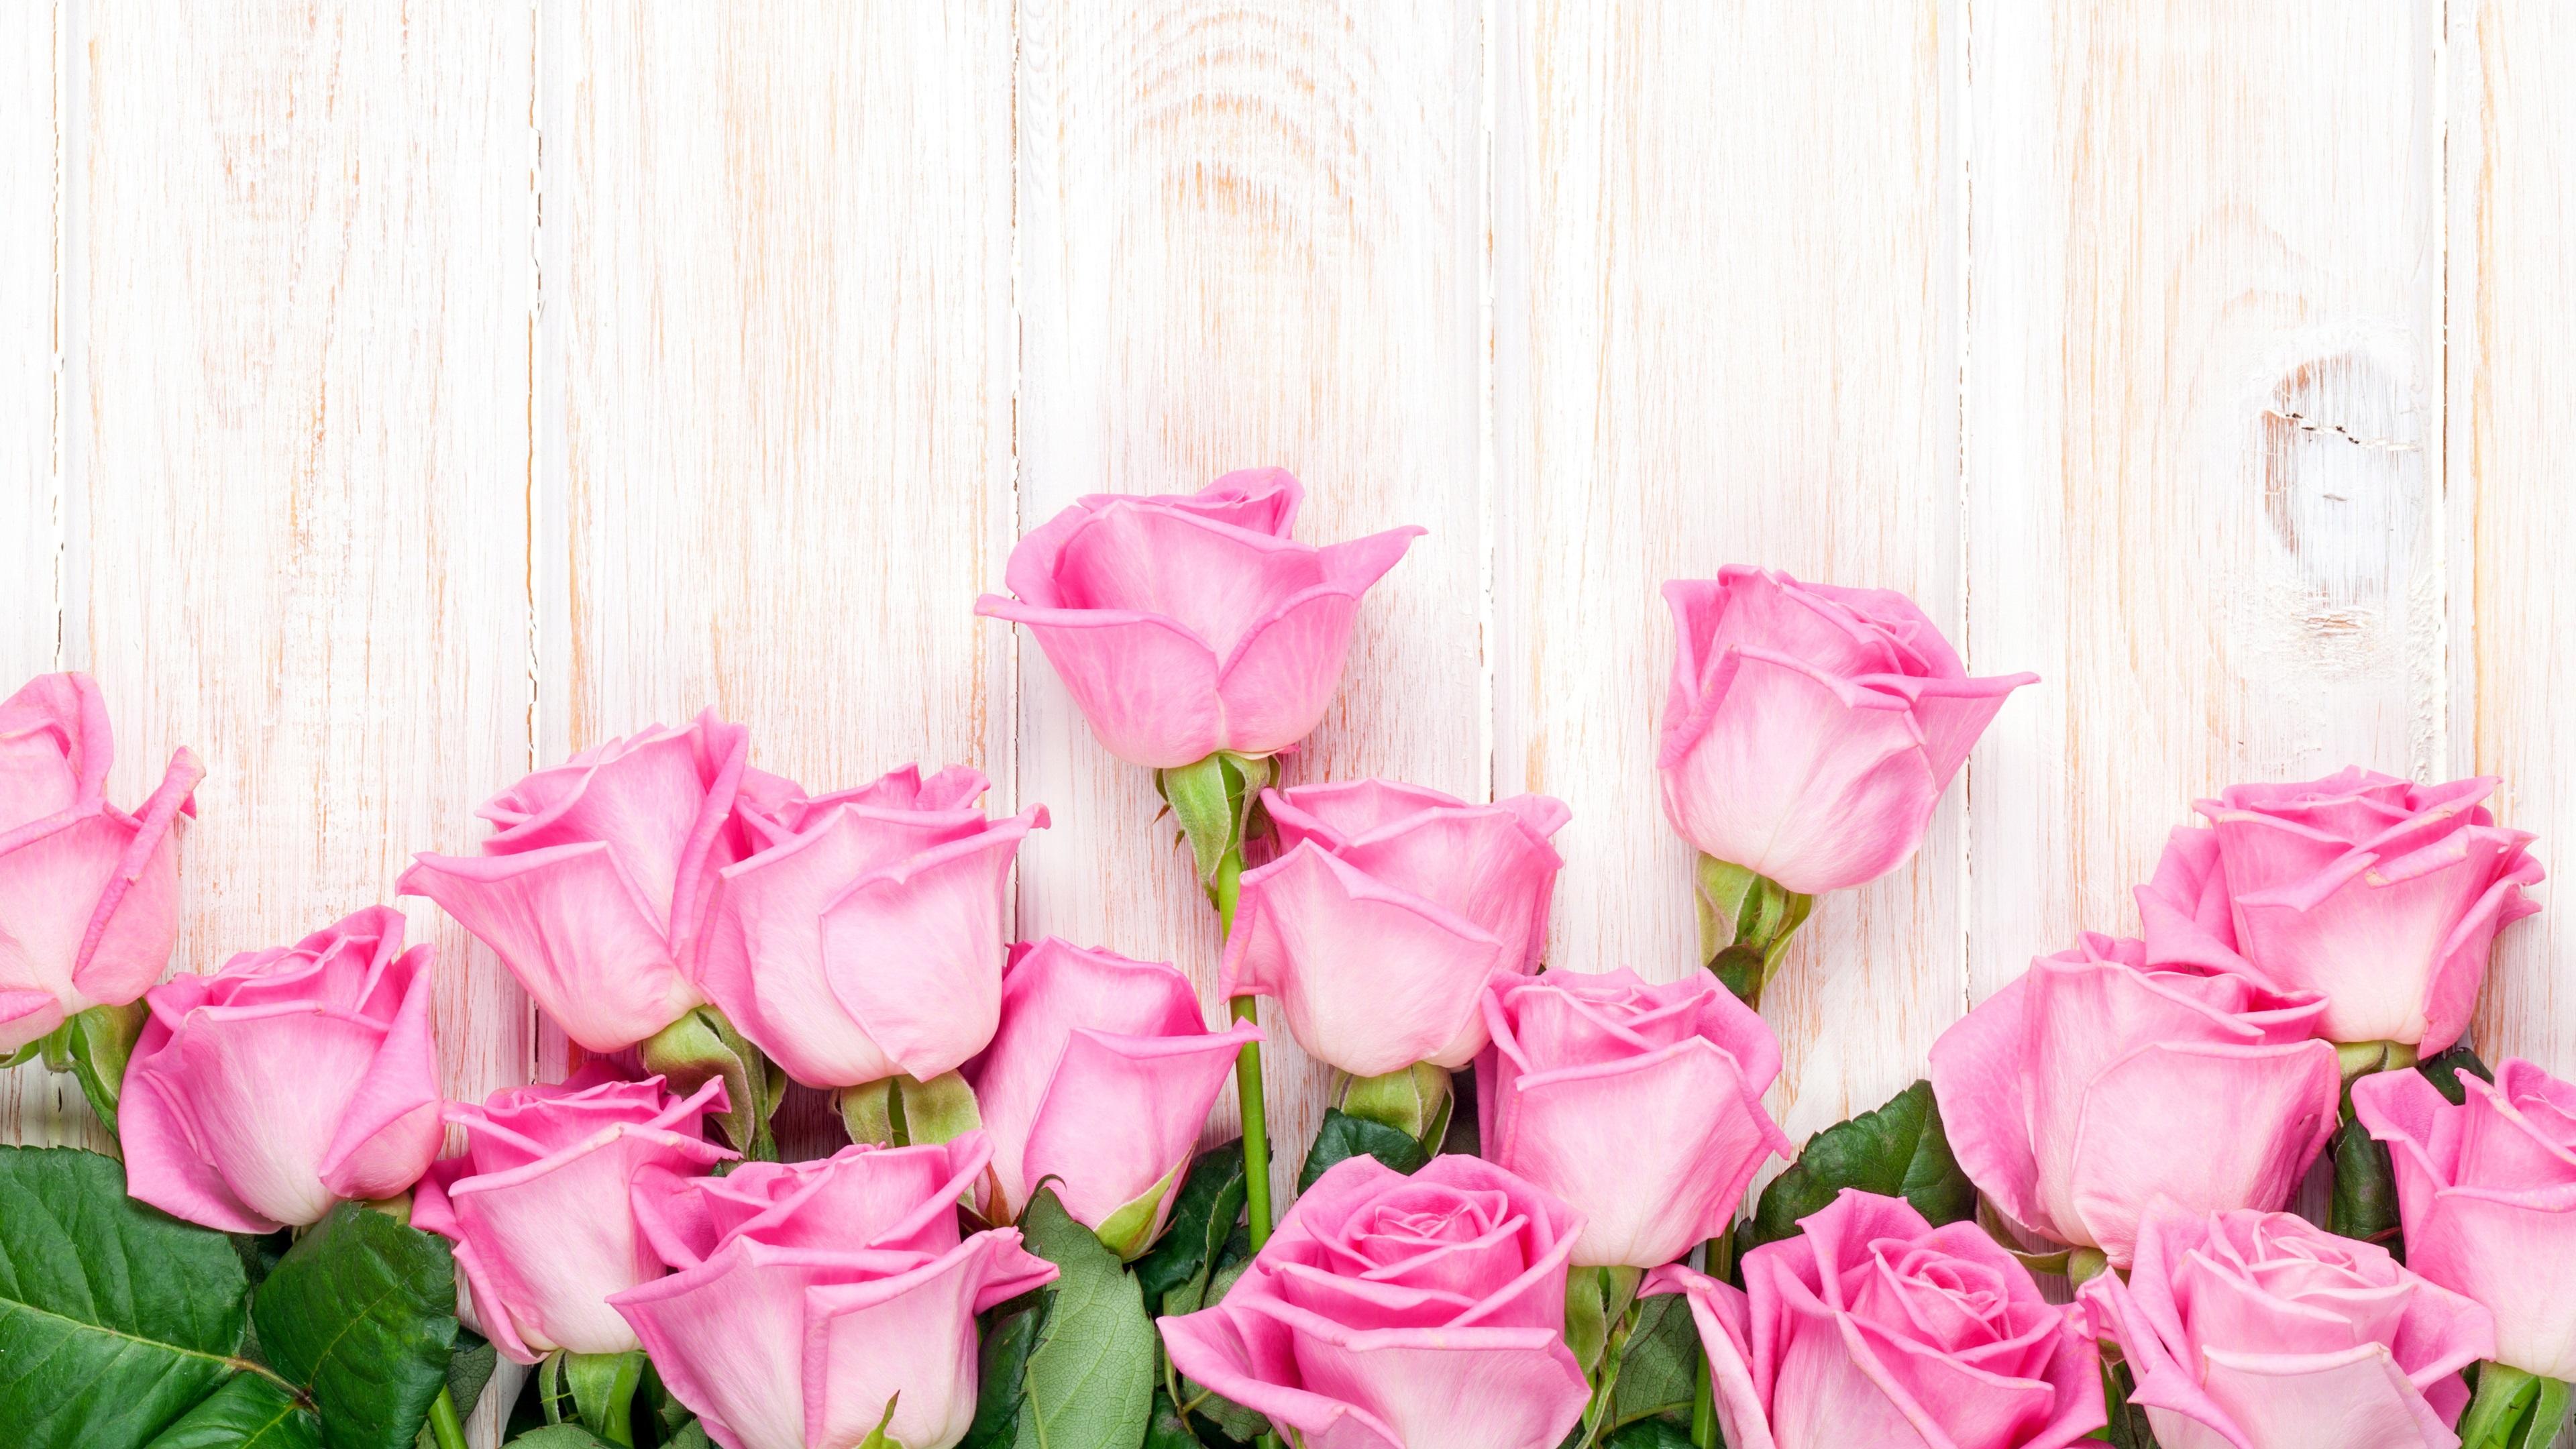 Fondos De Pantalla Rosa: Fondos De Pantalla Rosa Rosa Flores, Fondo De Madera